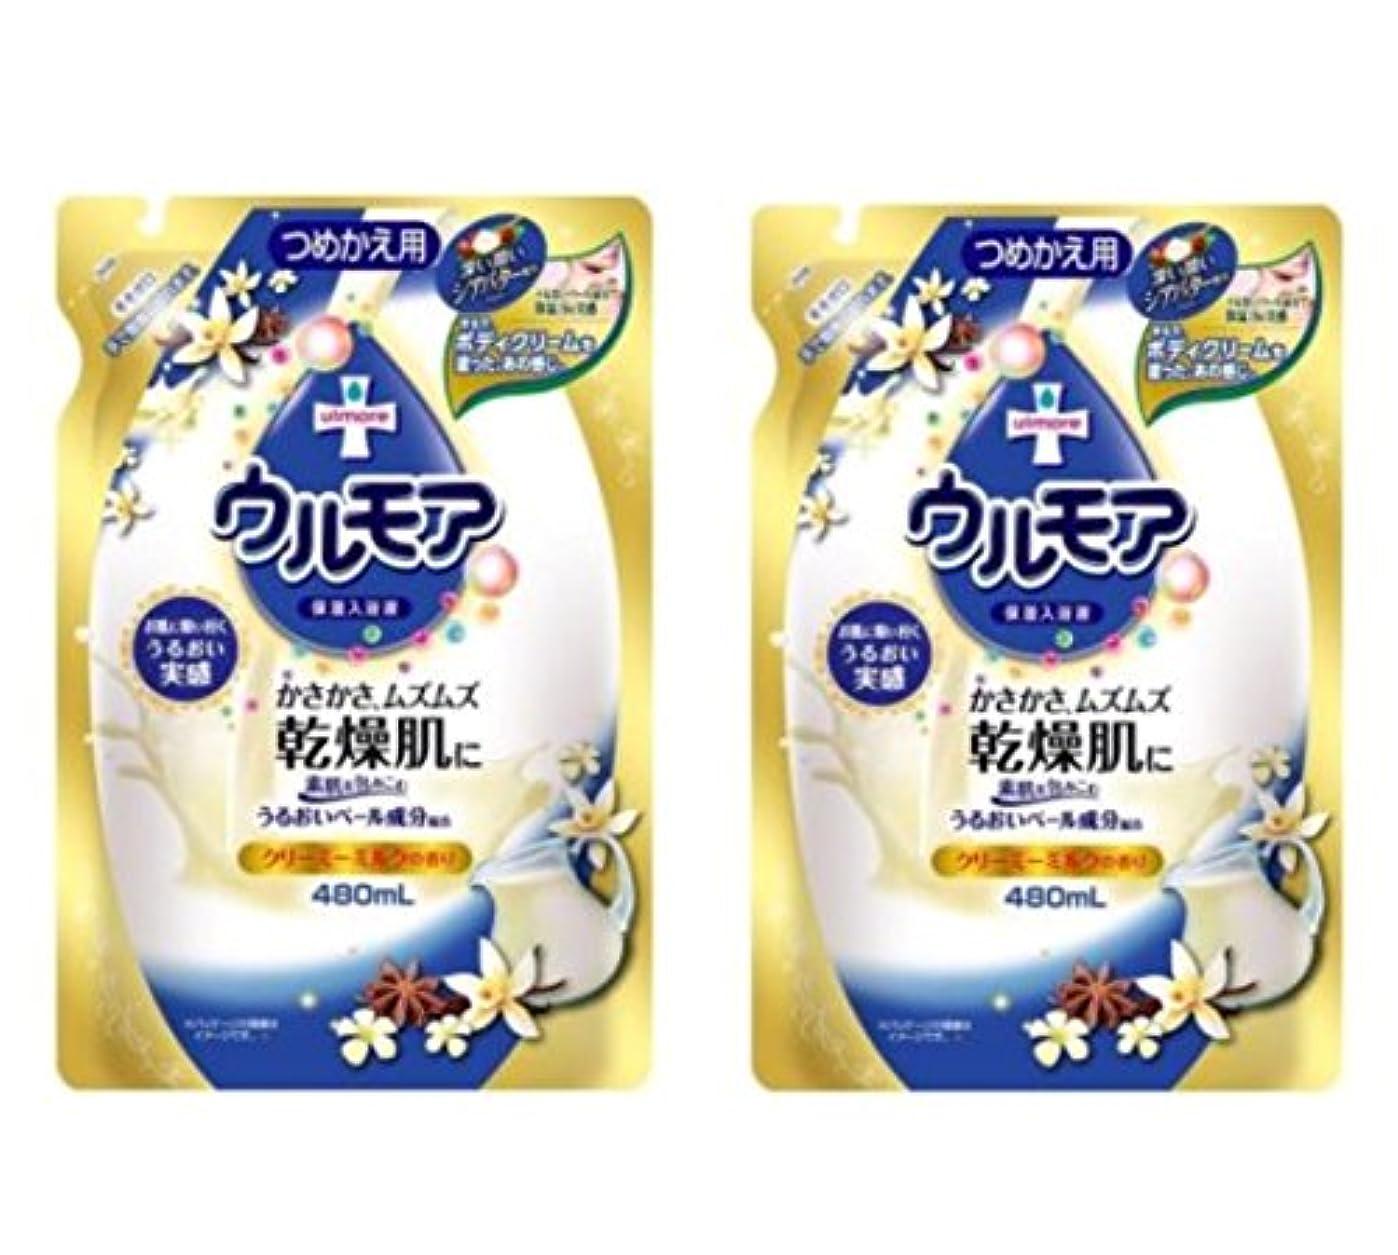 月面半ばできたアース製薬 保湿入浴液 ウルモア クリーミーミルク詰替 480ml×2個セット